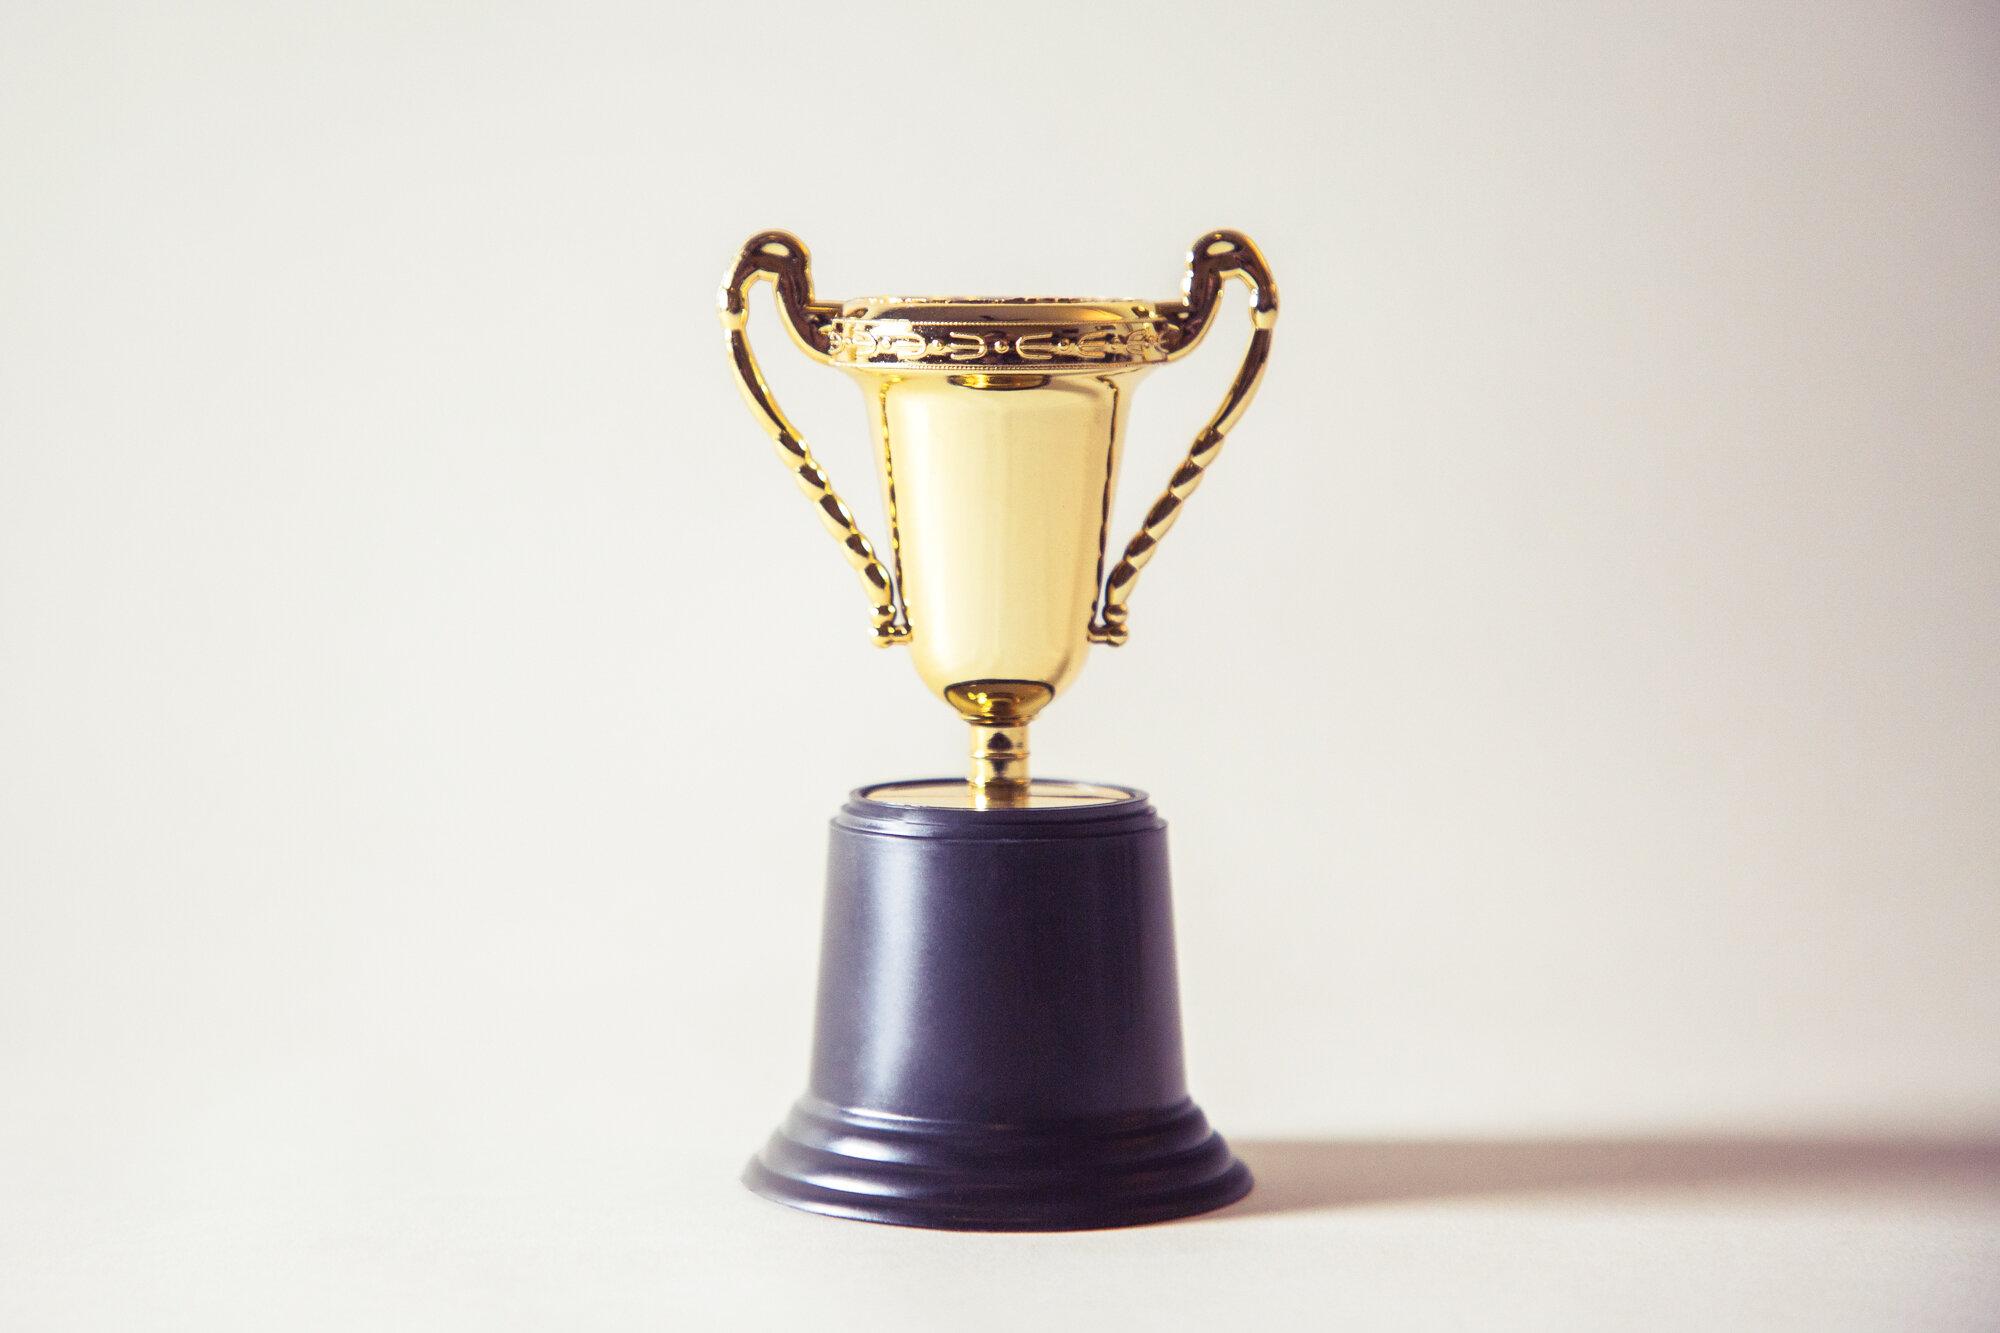 为首届社会创业品牌奖的16位获奖者每人颁发一个虚拟奖杯。照片:乔治•它起码